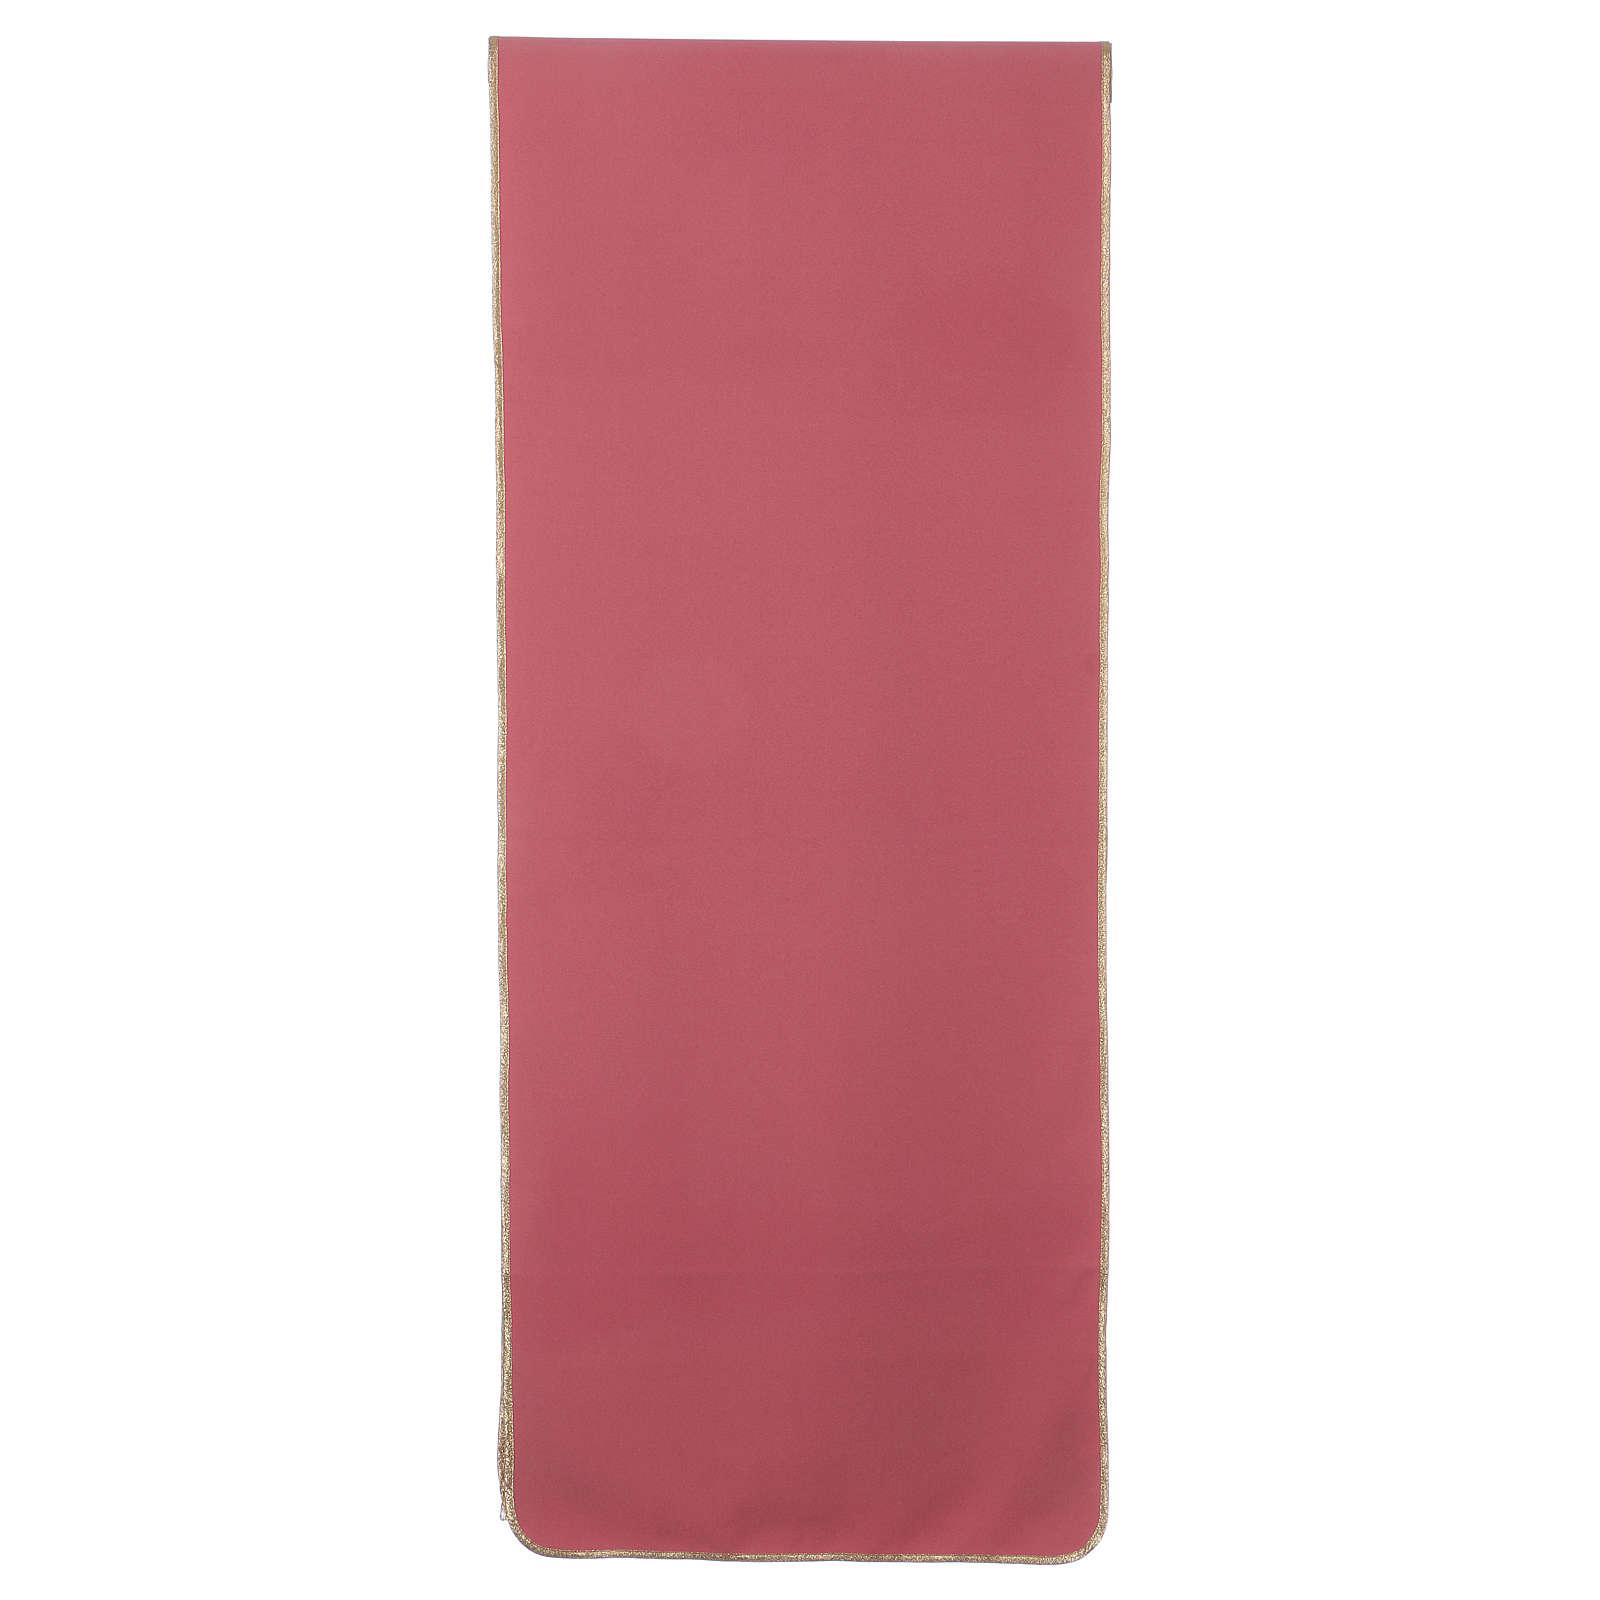 Paño de atril rosa 100% poliéster XP espiga uva 4